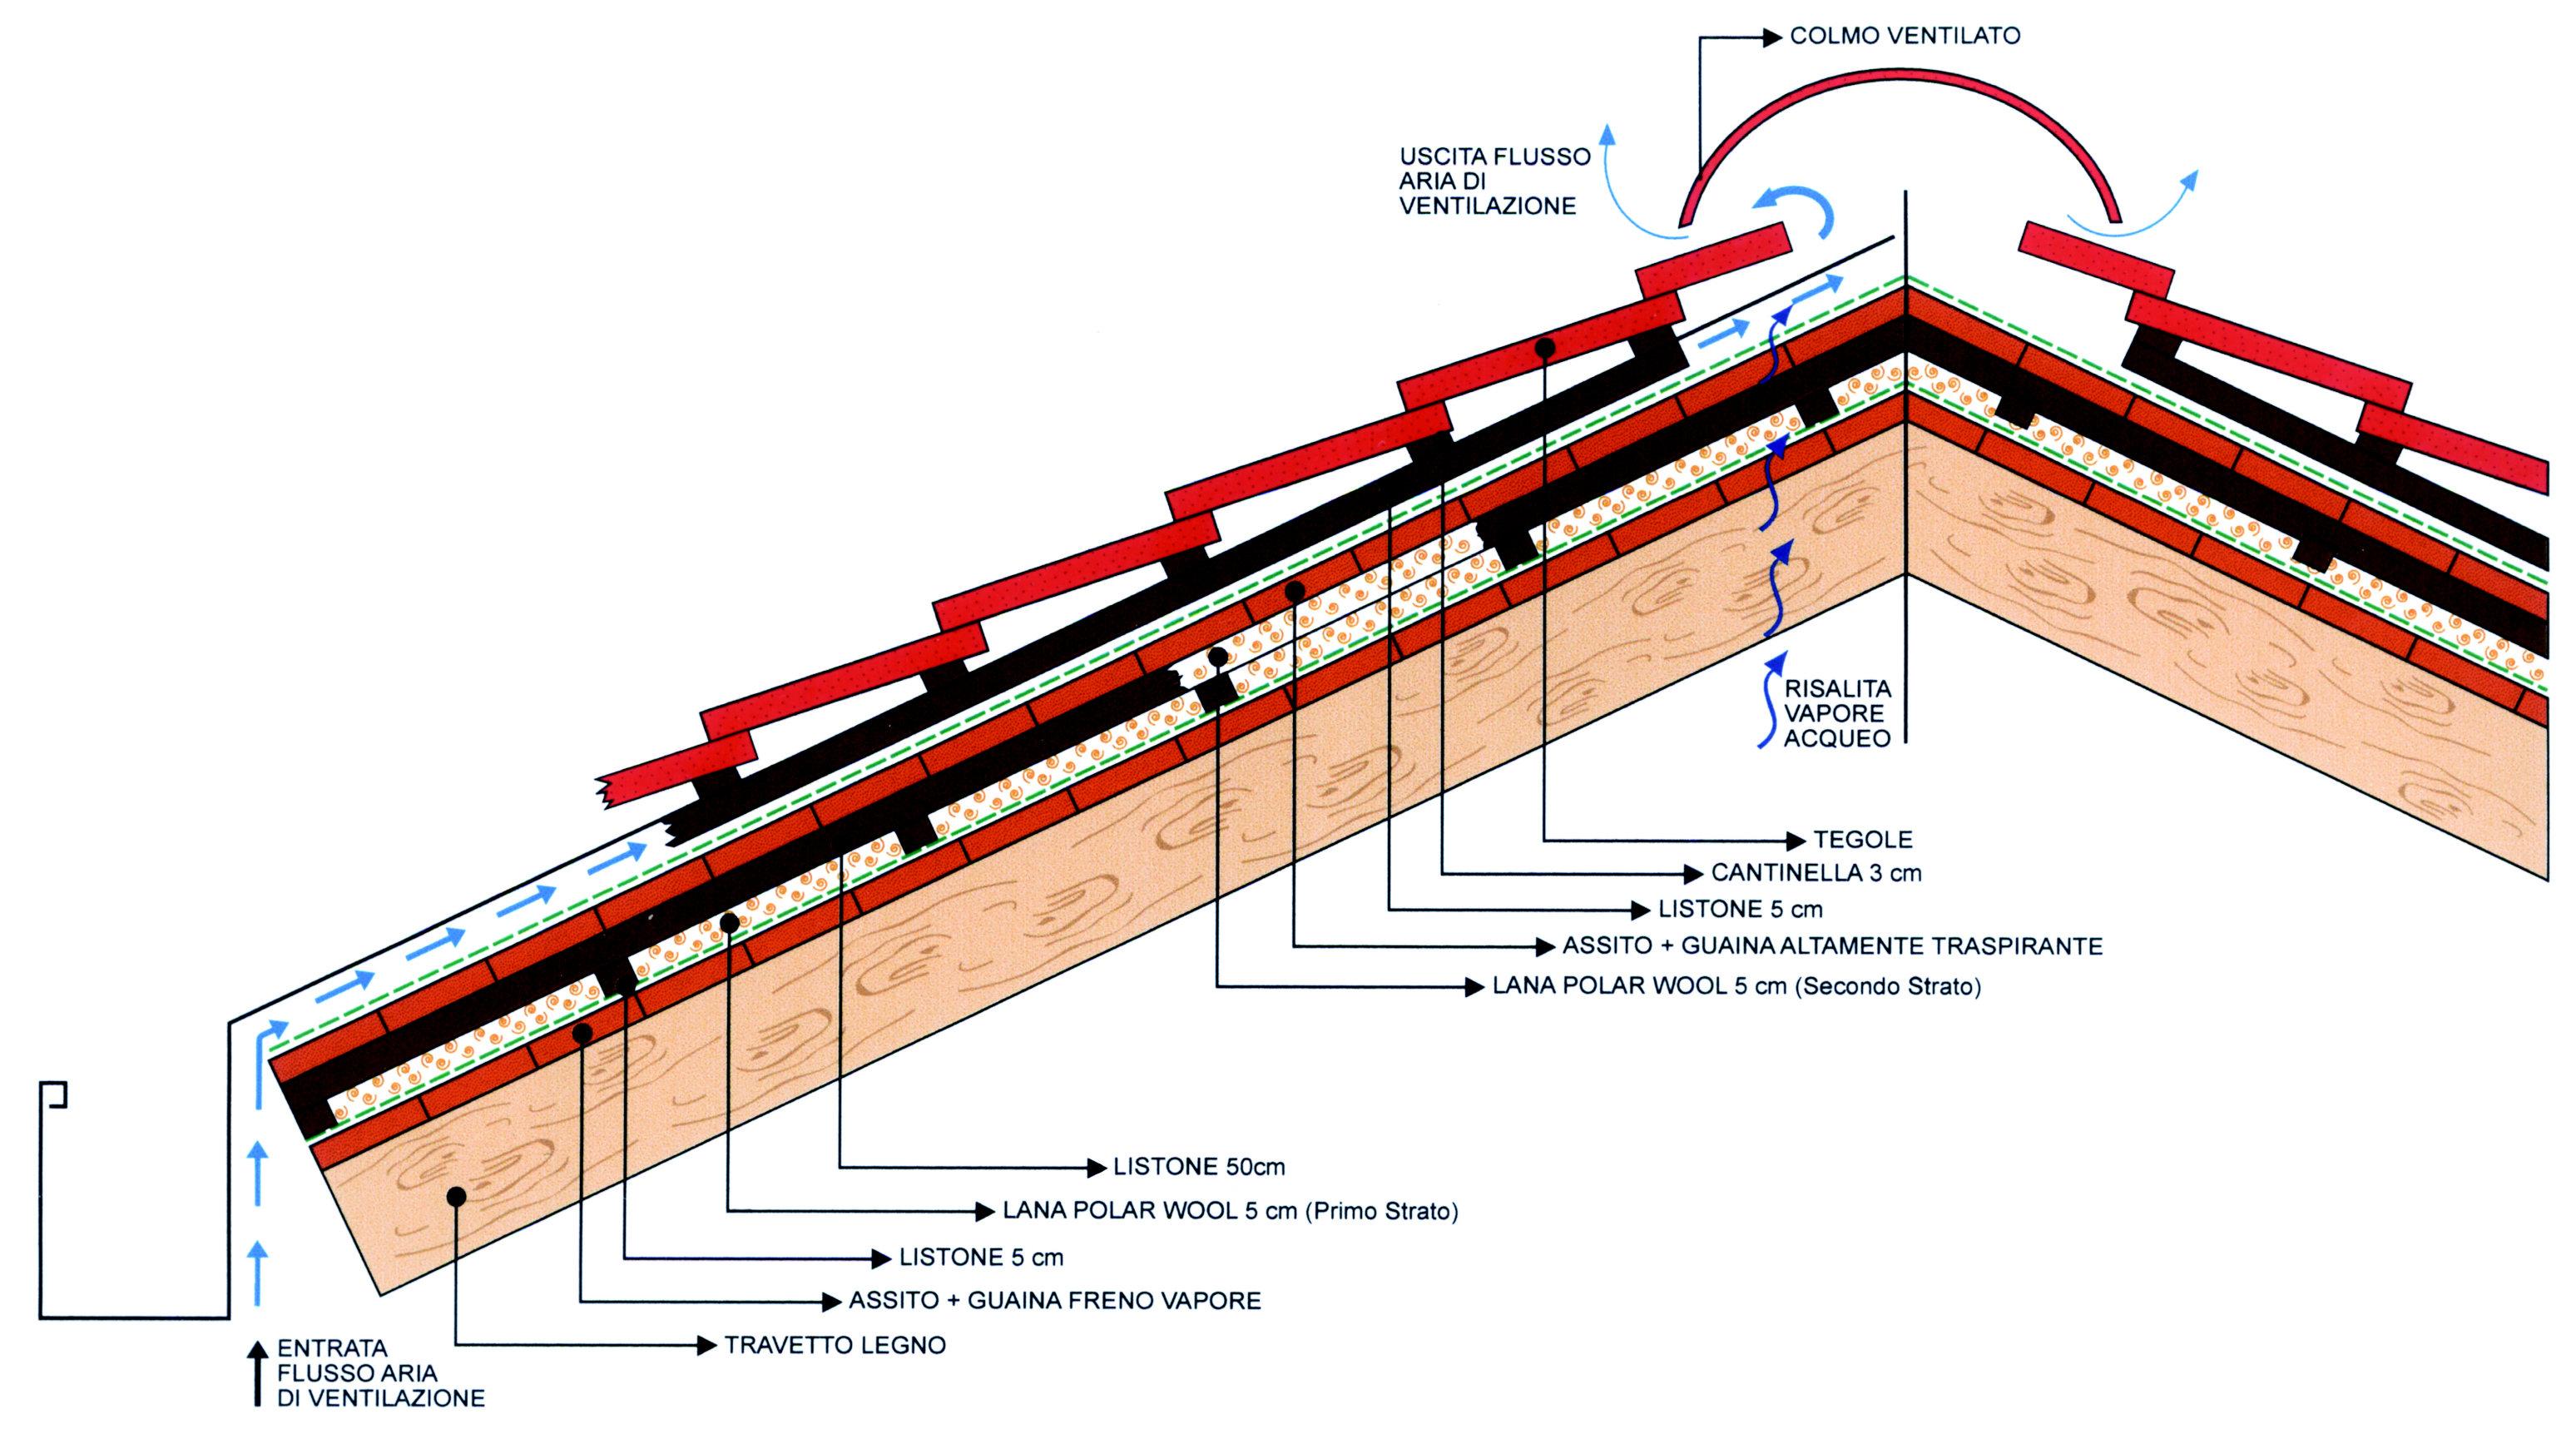 Ristrutturare Un Tetto Quanto Costa tetto ventilato: caratteristiche e costi.